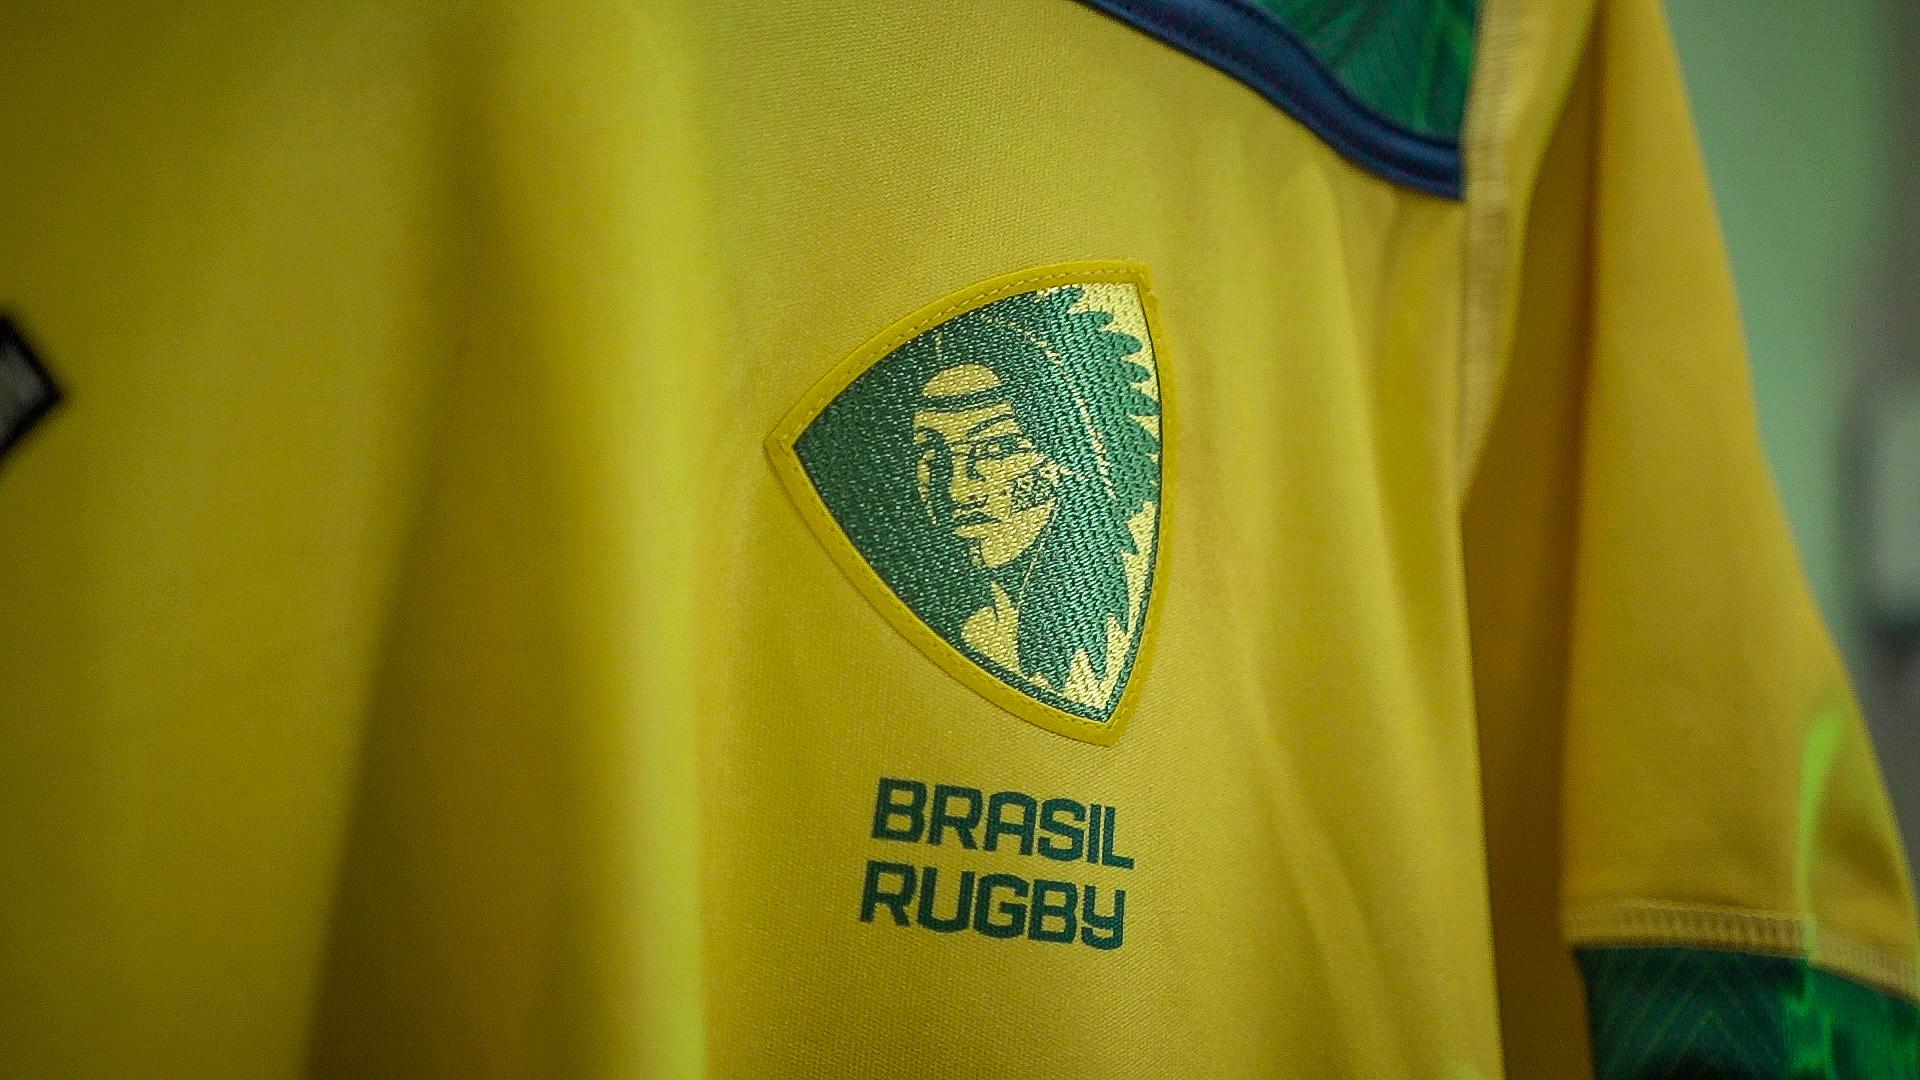 Yaras de Brasil adquieren una nueva identidad visual